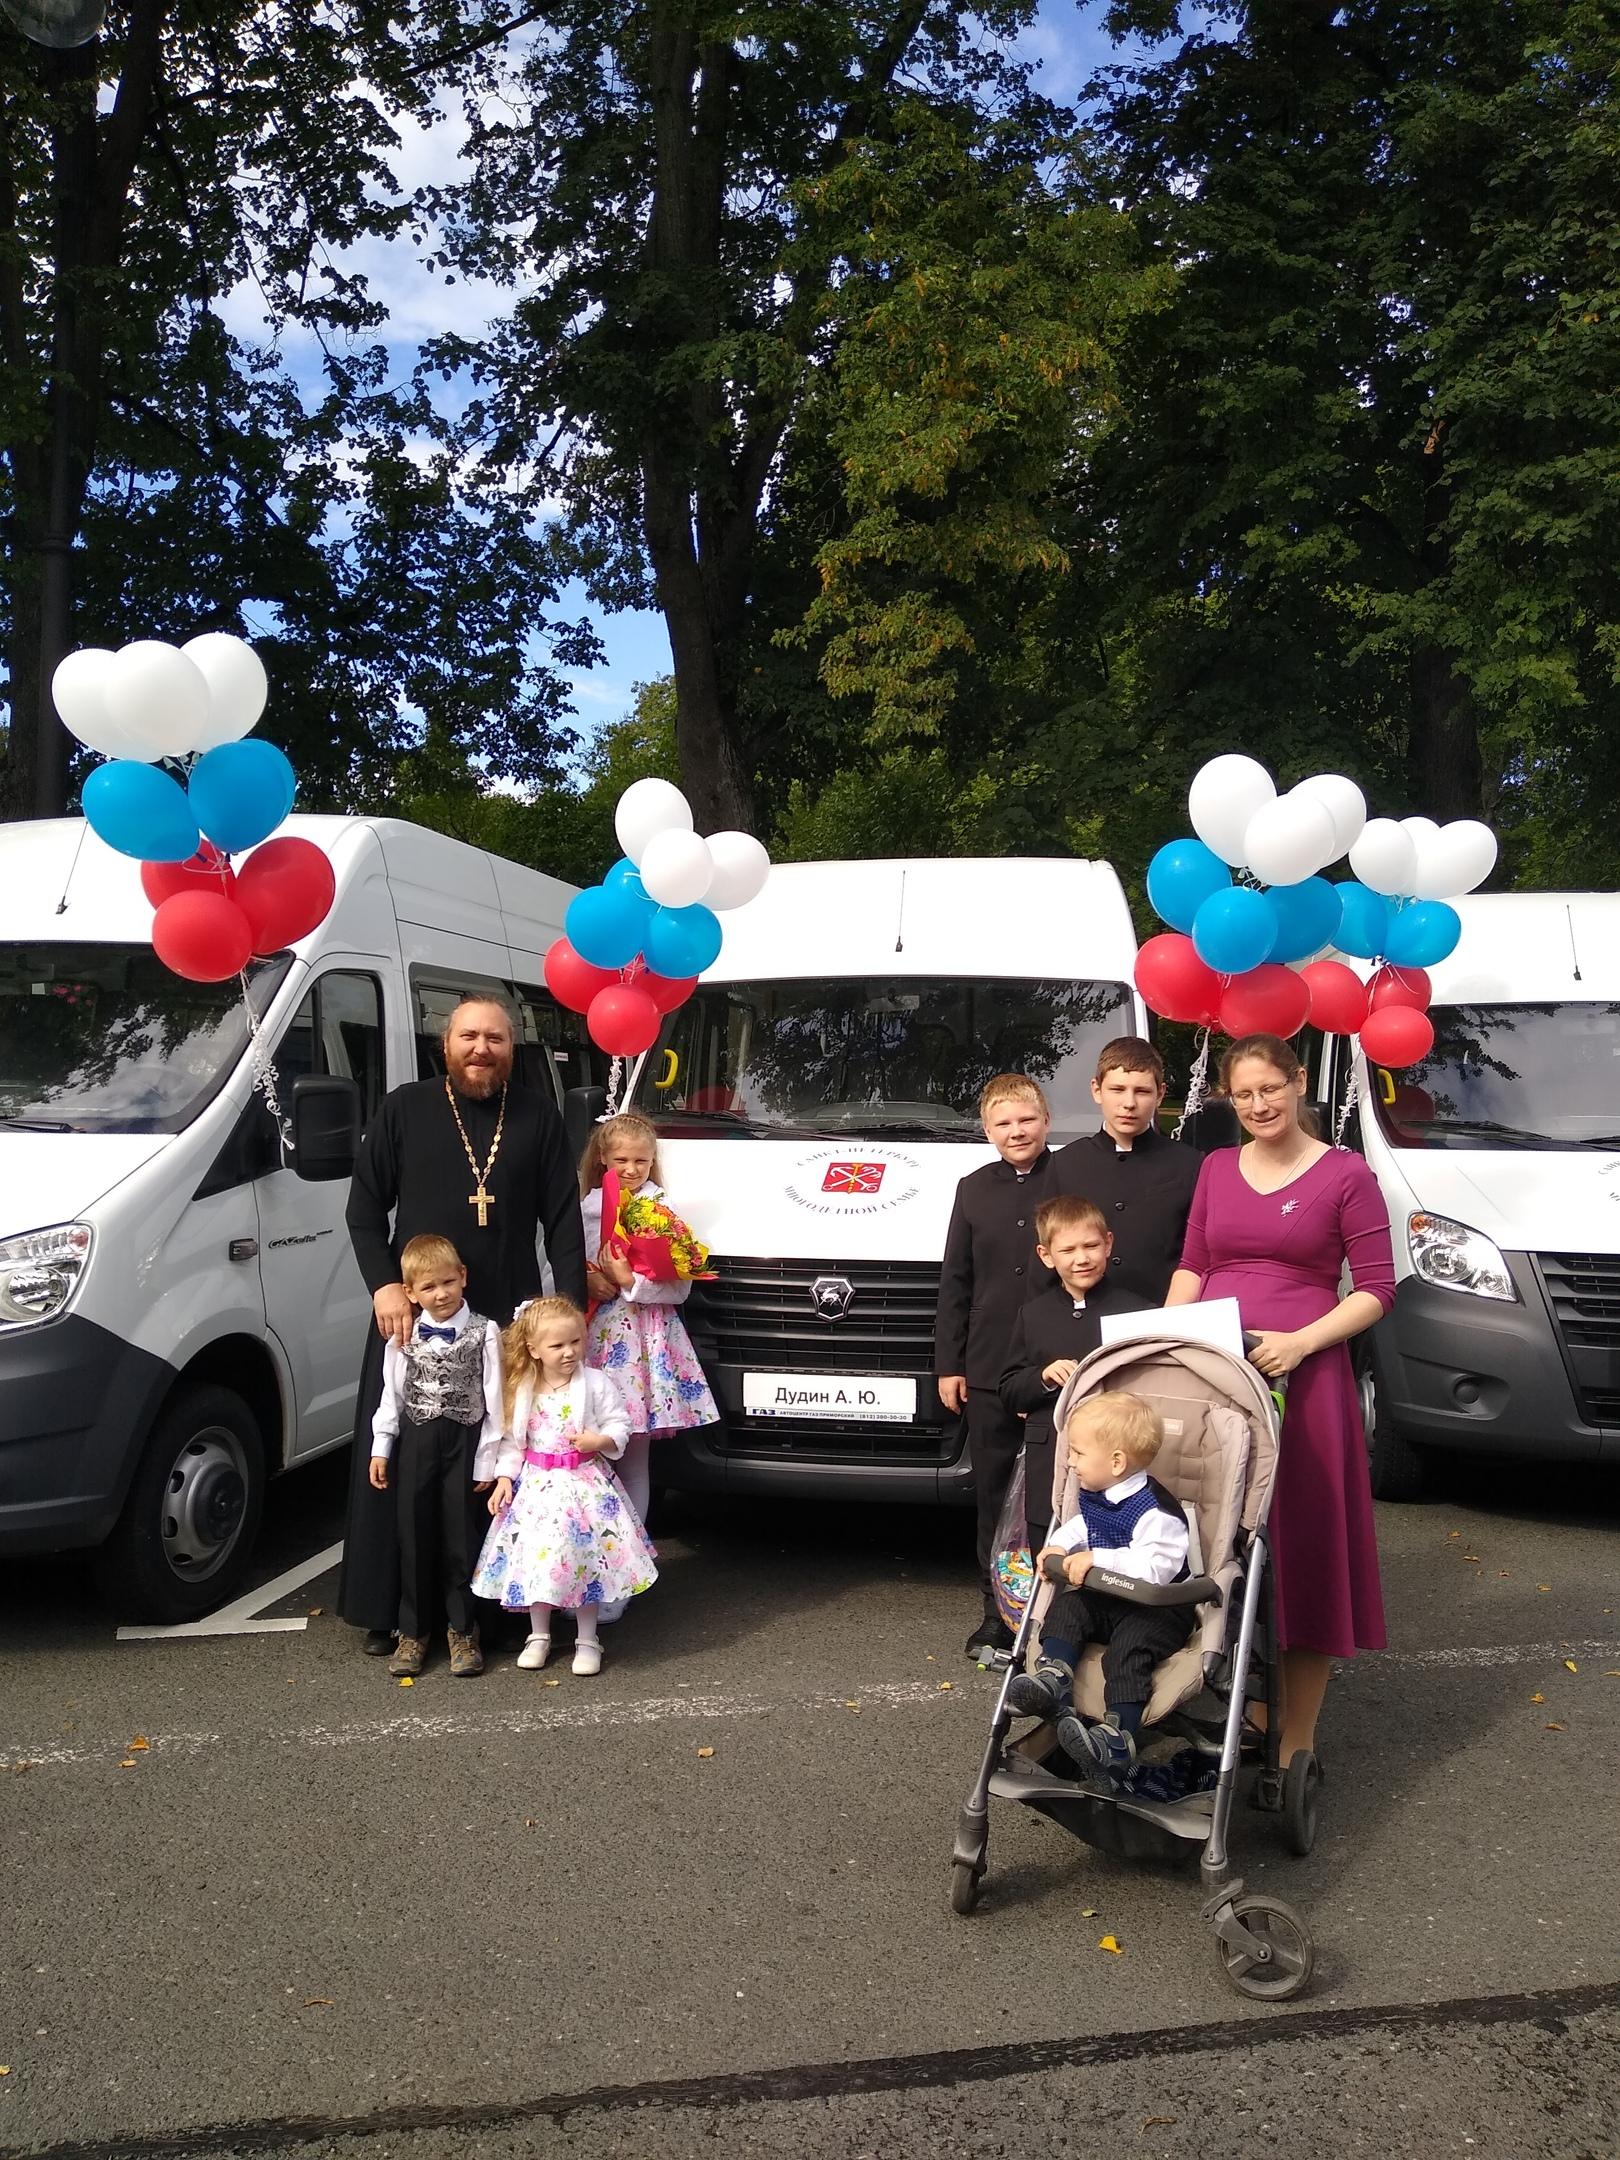 Сегодня, 26 августа, власти Петербурга вручили 9 многодетным семьям ключи от микроавтобусов.